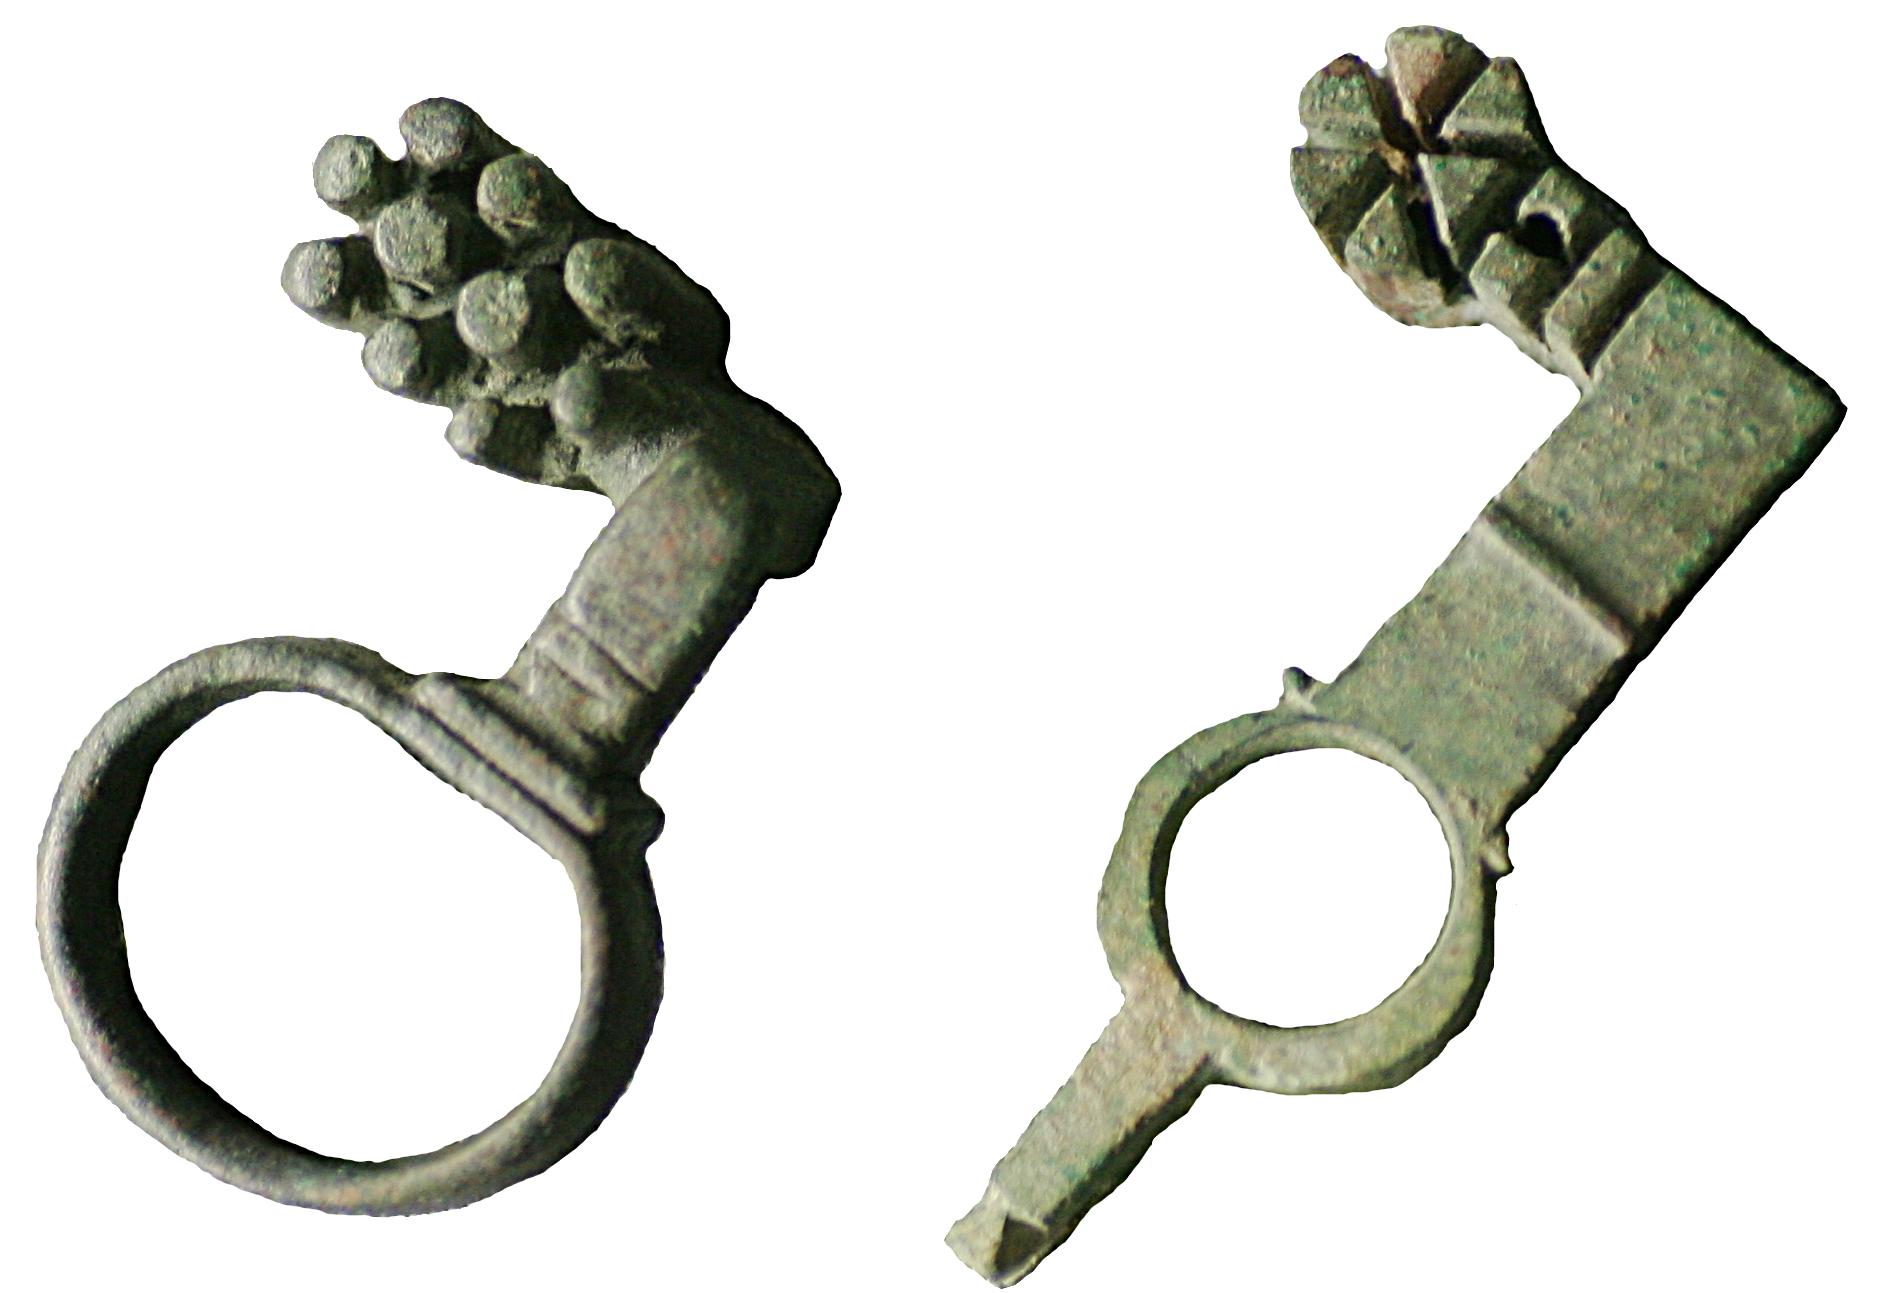 Wie funktioniert eine Sperre und ein Schlüssel?